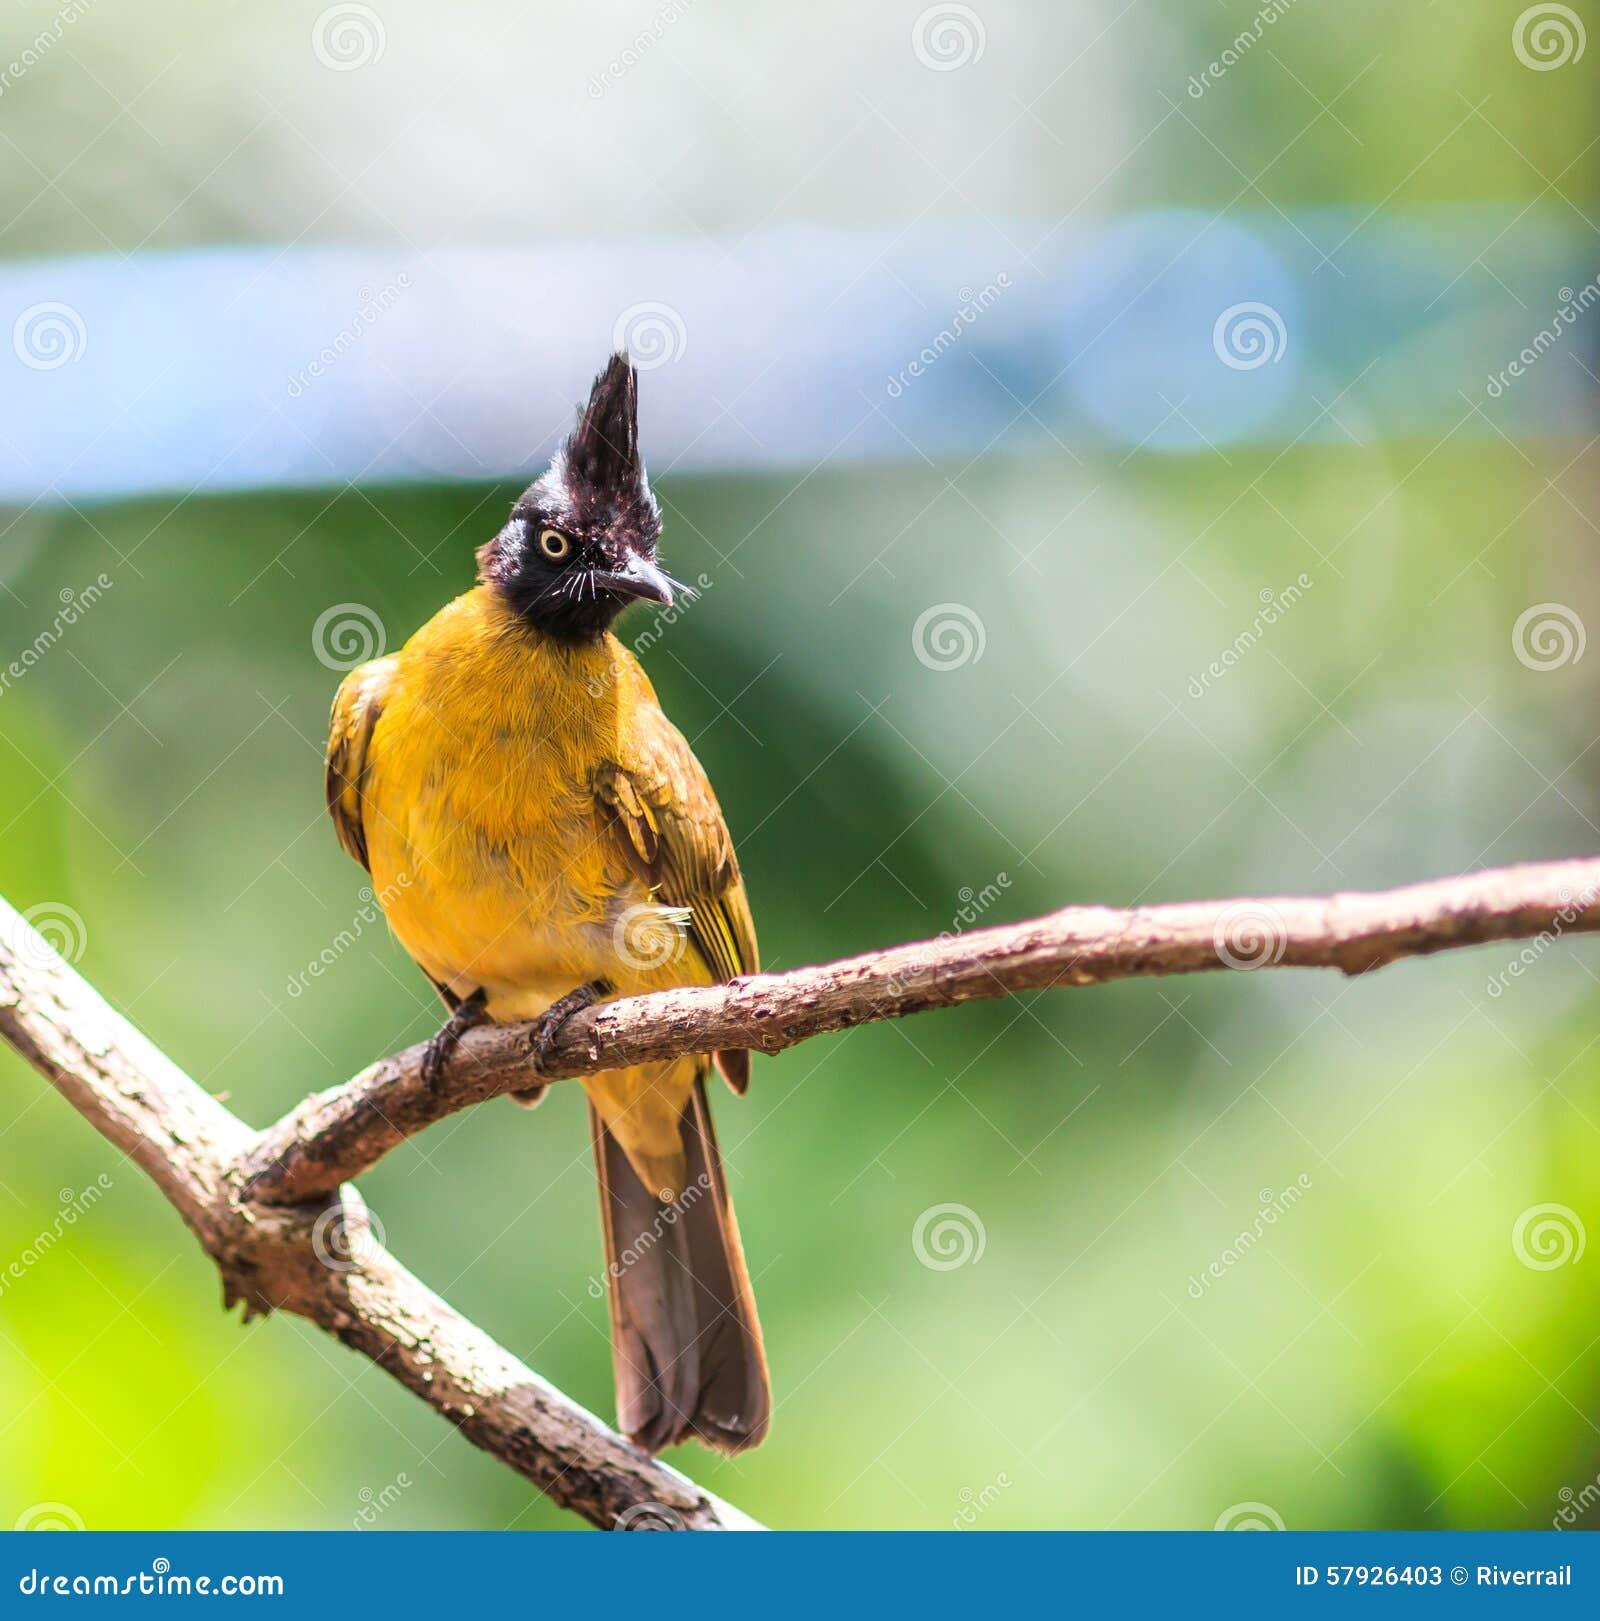 bulbul oder pycnonotus flaviventris schwarz mit haube vogel stockbild bild von hintergrund. Black Bedroom Furniture Sets. Home Design Ideas